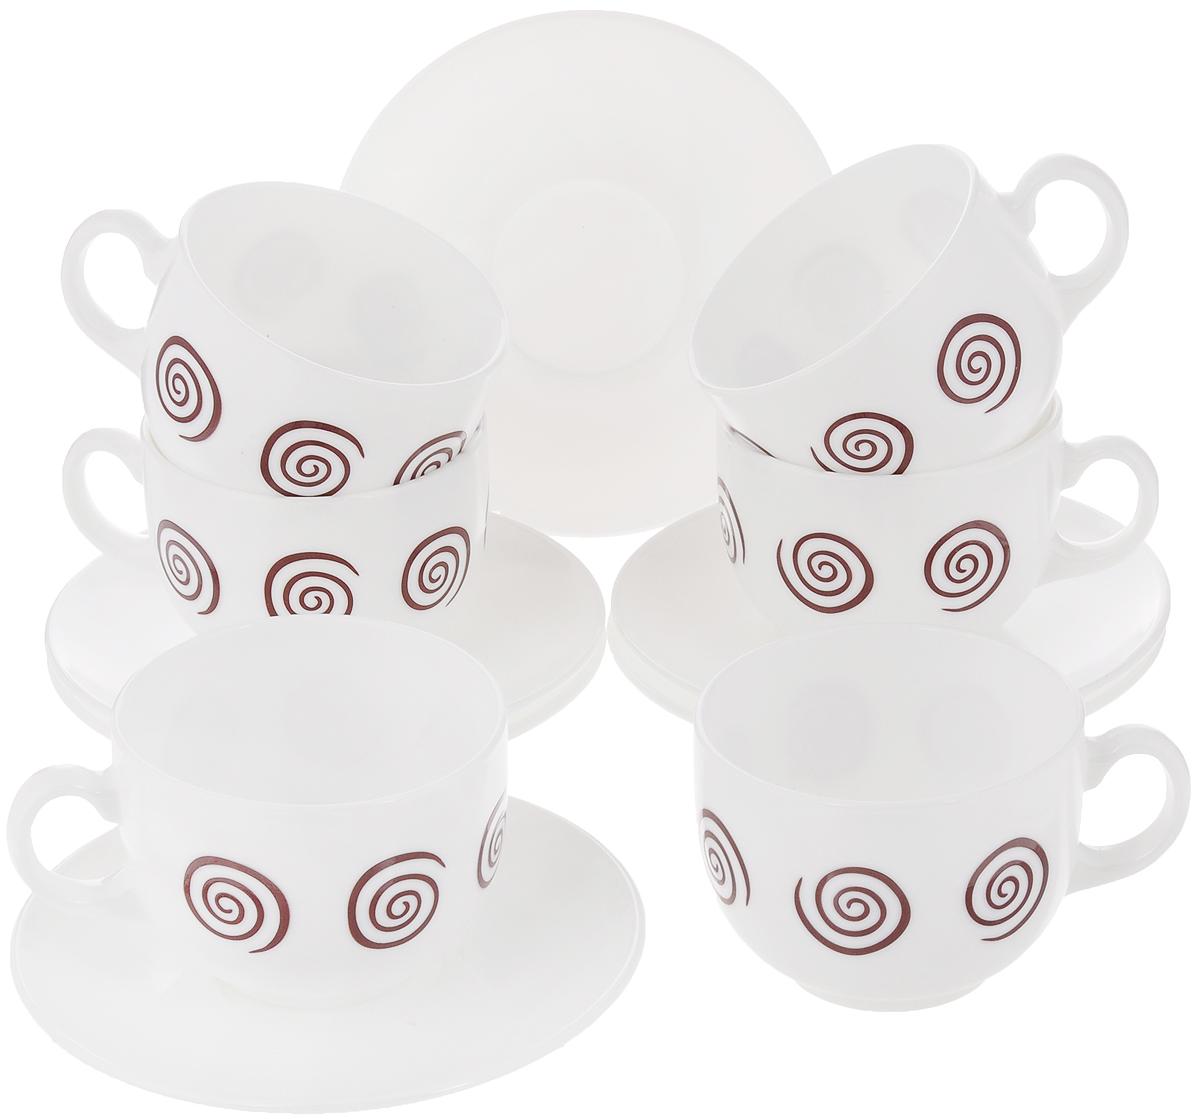 Набор чайный Luminarc Sirocco Brown, 12 предметовG4126Чайный набор Luminarc Sirocco Brown состоит из 6 чашек и 6 блюдец. Изделия, выполненные из высококачественного ударопрочного стекла, имеют элегантный дизайн с красивым рисунком. Посуда отличается прочностью, гигиеничностью и долгим сроком службы, она устойчива к появлению царапин и резким перепадам температур. Такой набор прекрасно подойдет как для повседневного использования, так и для праздников. Чайный набор Luminarc Sirocco Brown - это не только яркий и полезный подарок для родных и близких, это также великолепное дизайнерское решение для вашей кухни или столовой. Объем чашки: 220 мл. Диаметр чашки (по верхнему краю): 8 см. Высота чашки: 6,5 см.Диаметр блюдца: 13 см.